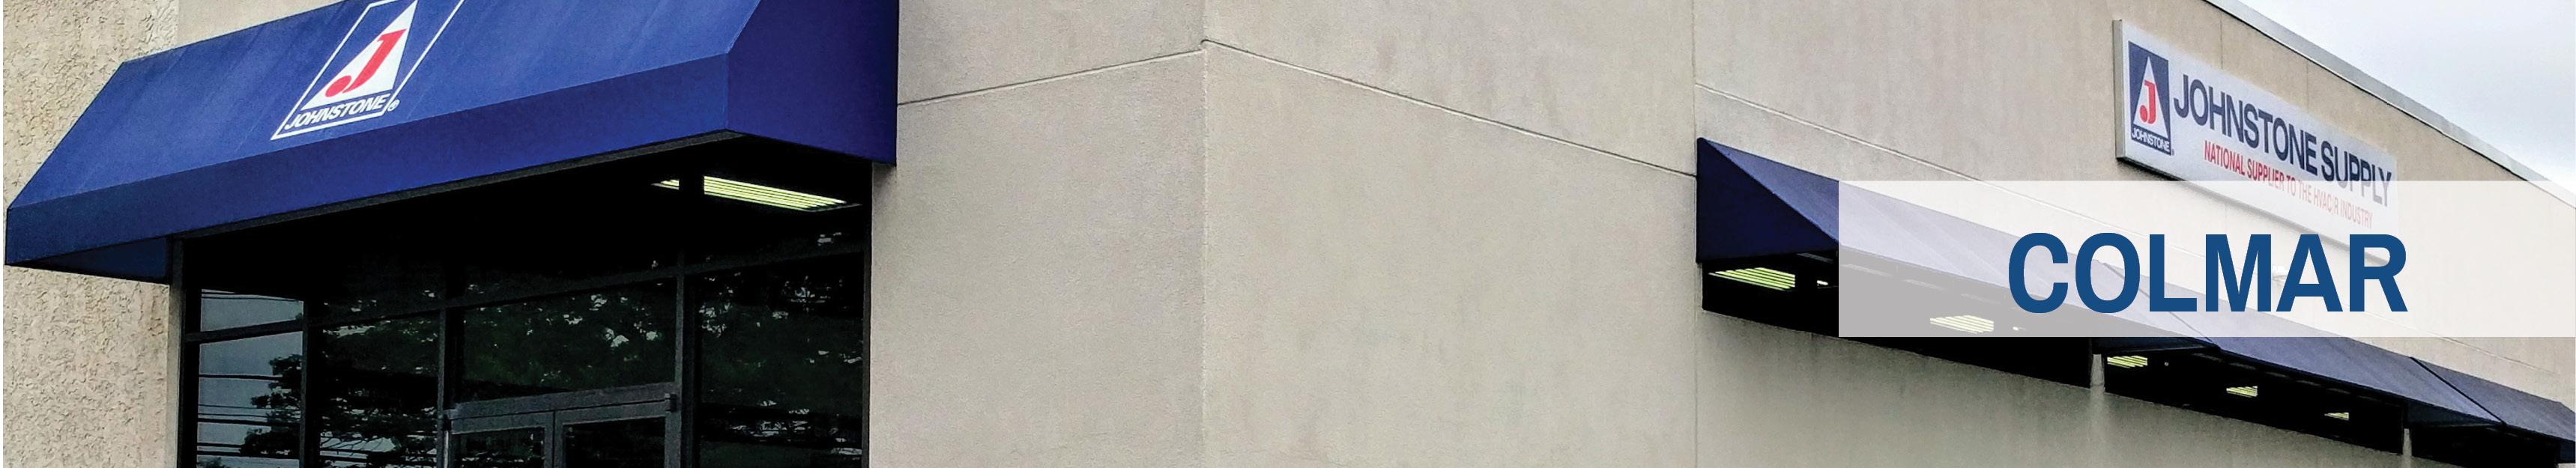 HVAC/R Supply in Colmar Pennsylvania